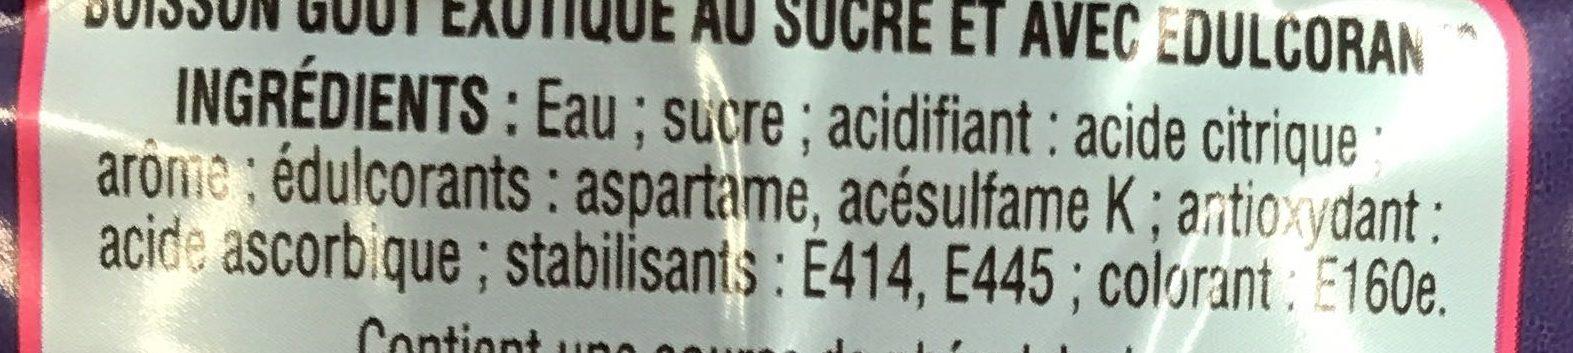 Boisson Goût Exotique - Ingrédients